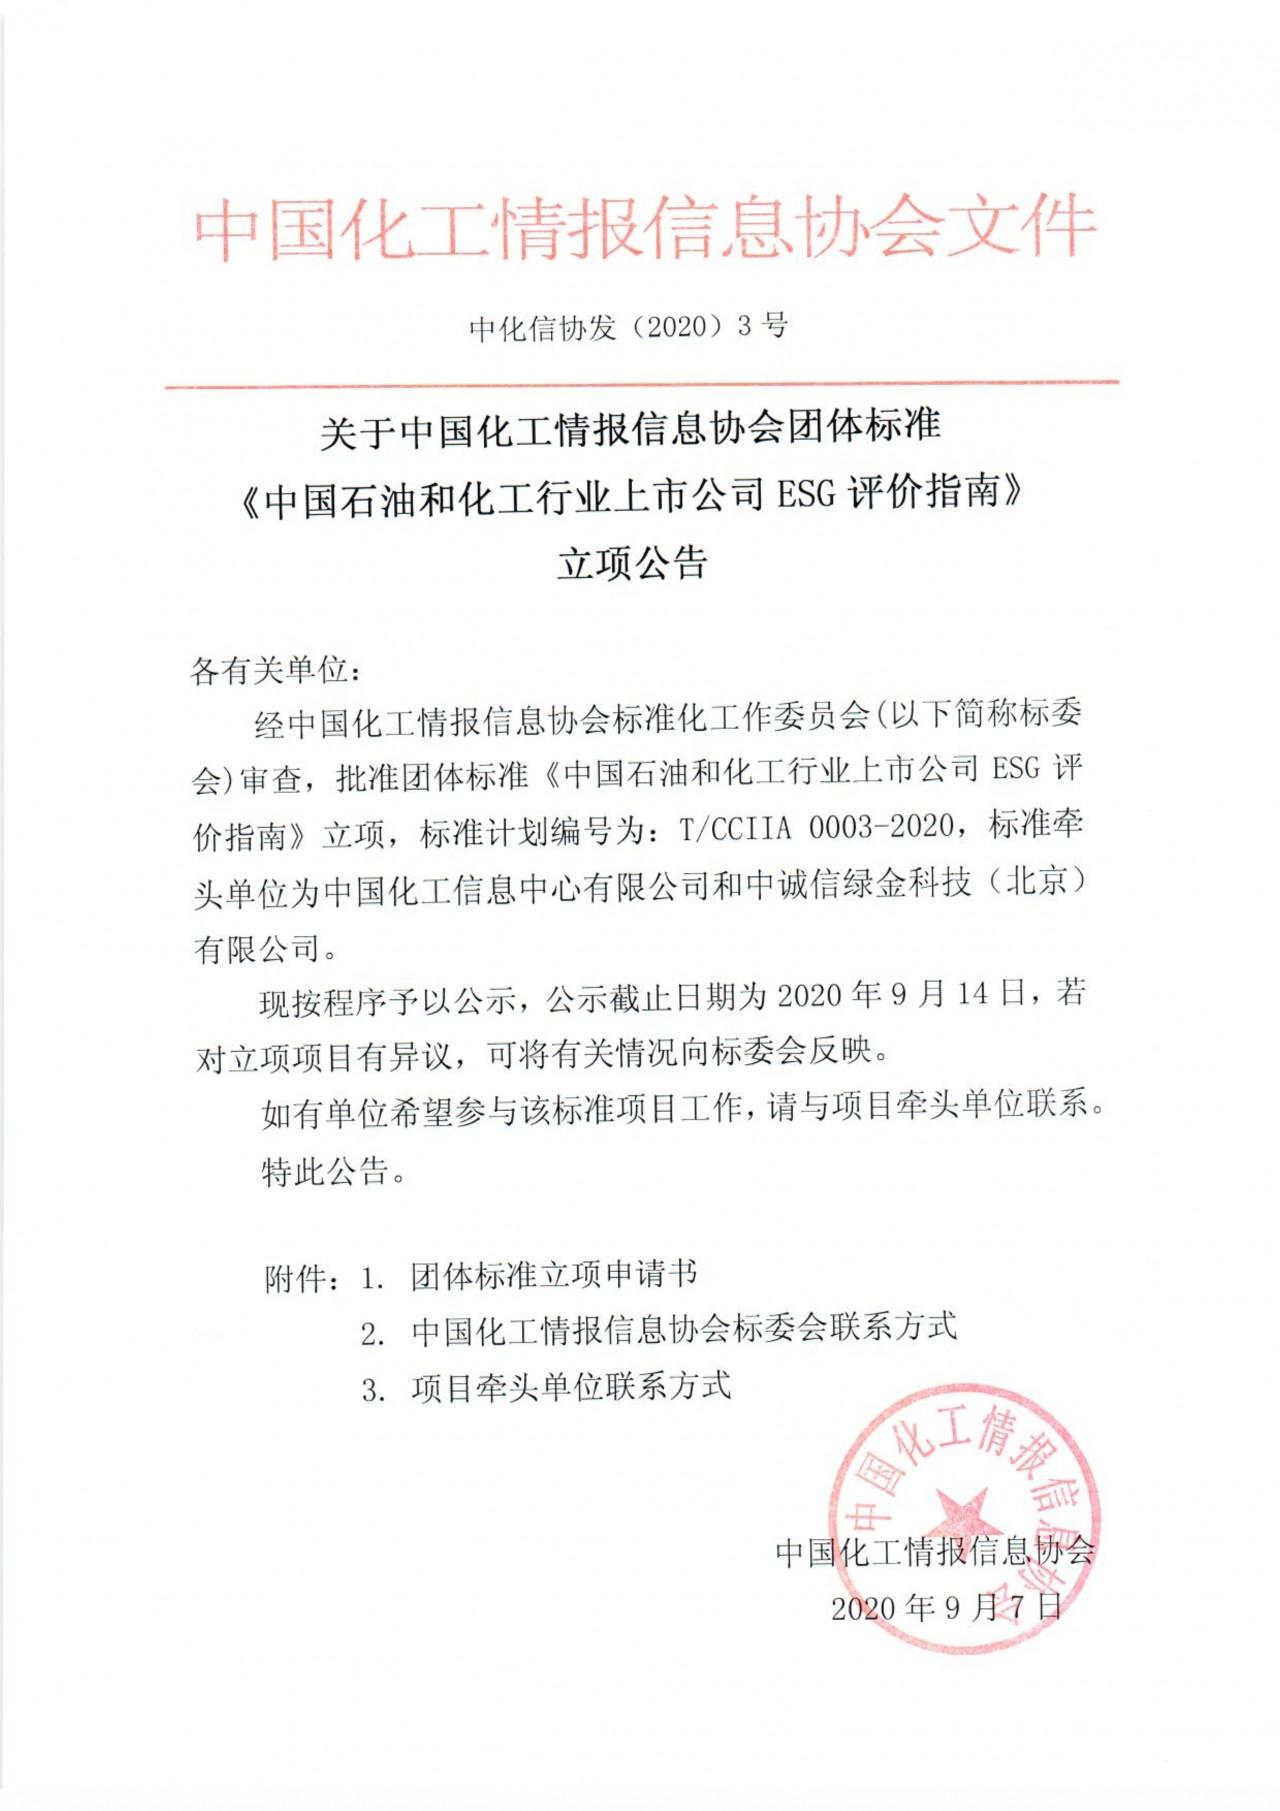 090809023136_0关于CCIIA团体标准《中国石油和化工行业上市公司ESG评价指南》的立项公告20200907_1.Jpeg